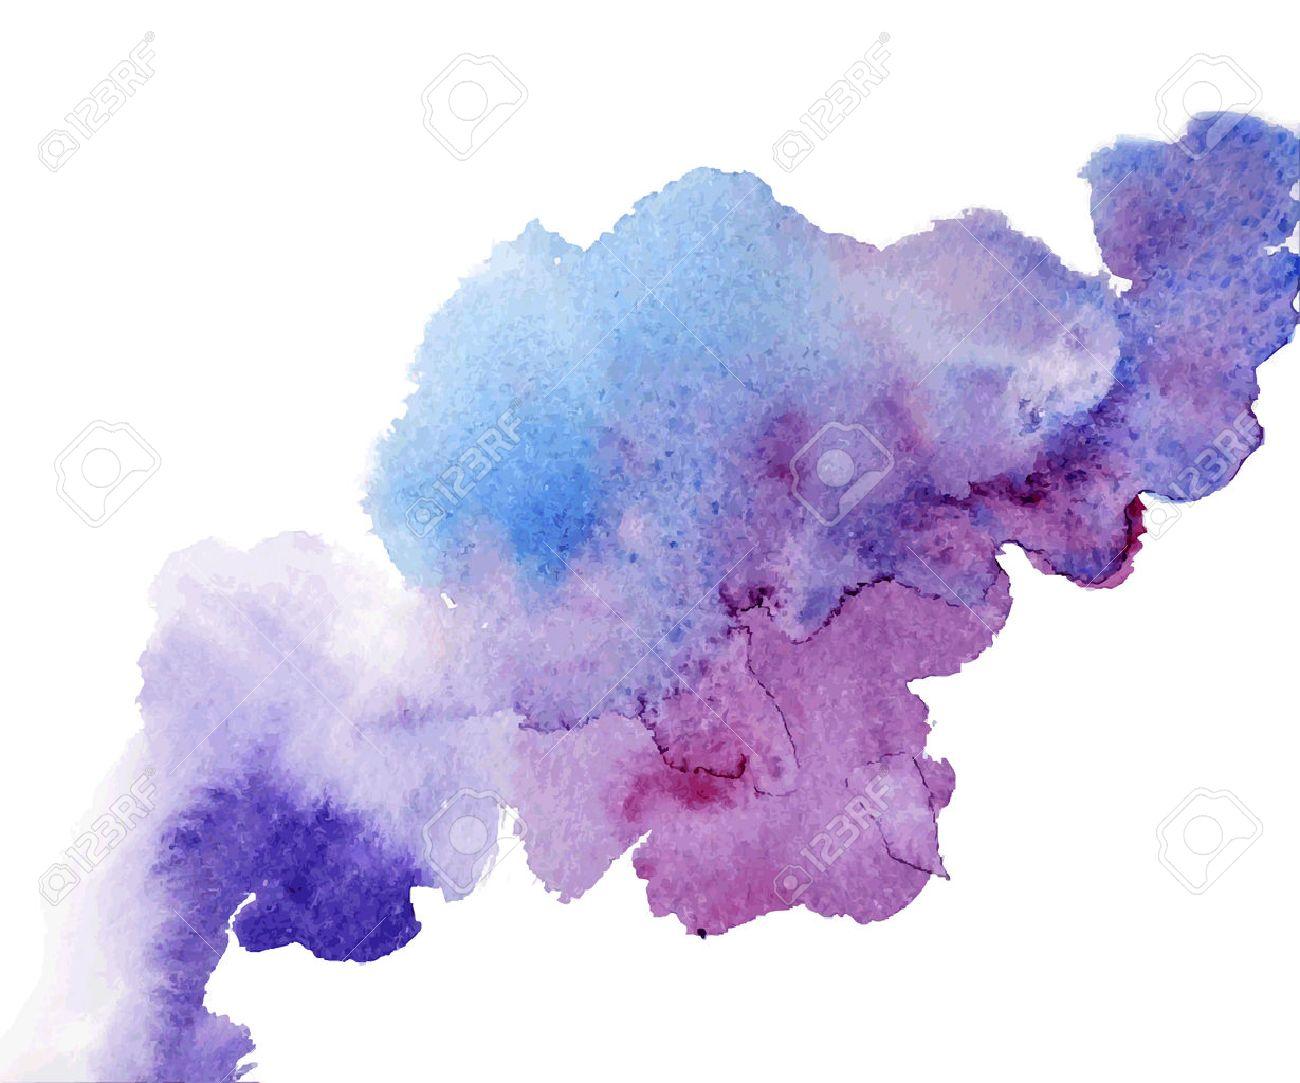 abstract watercolor splash watercolor